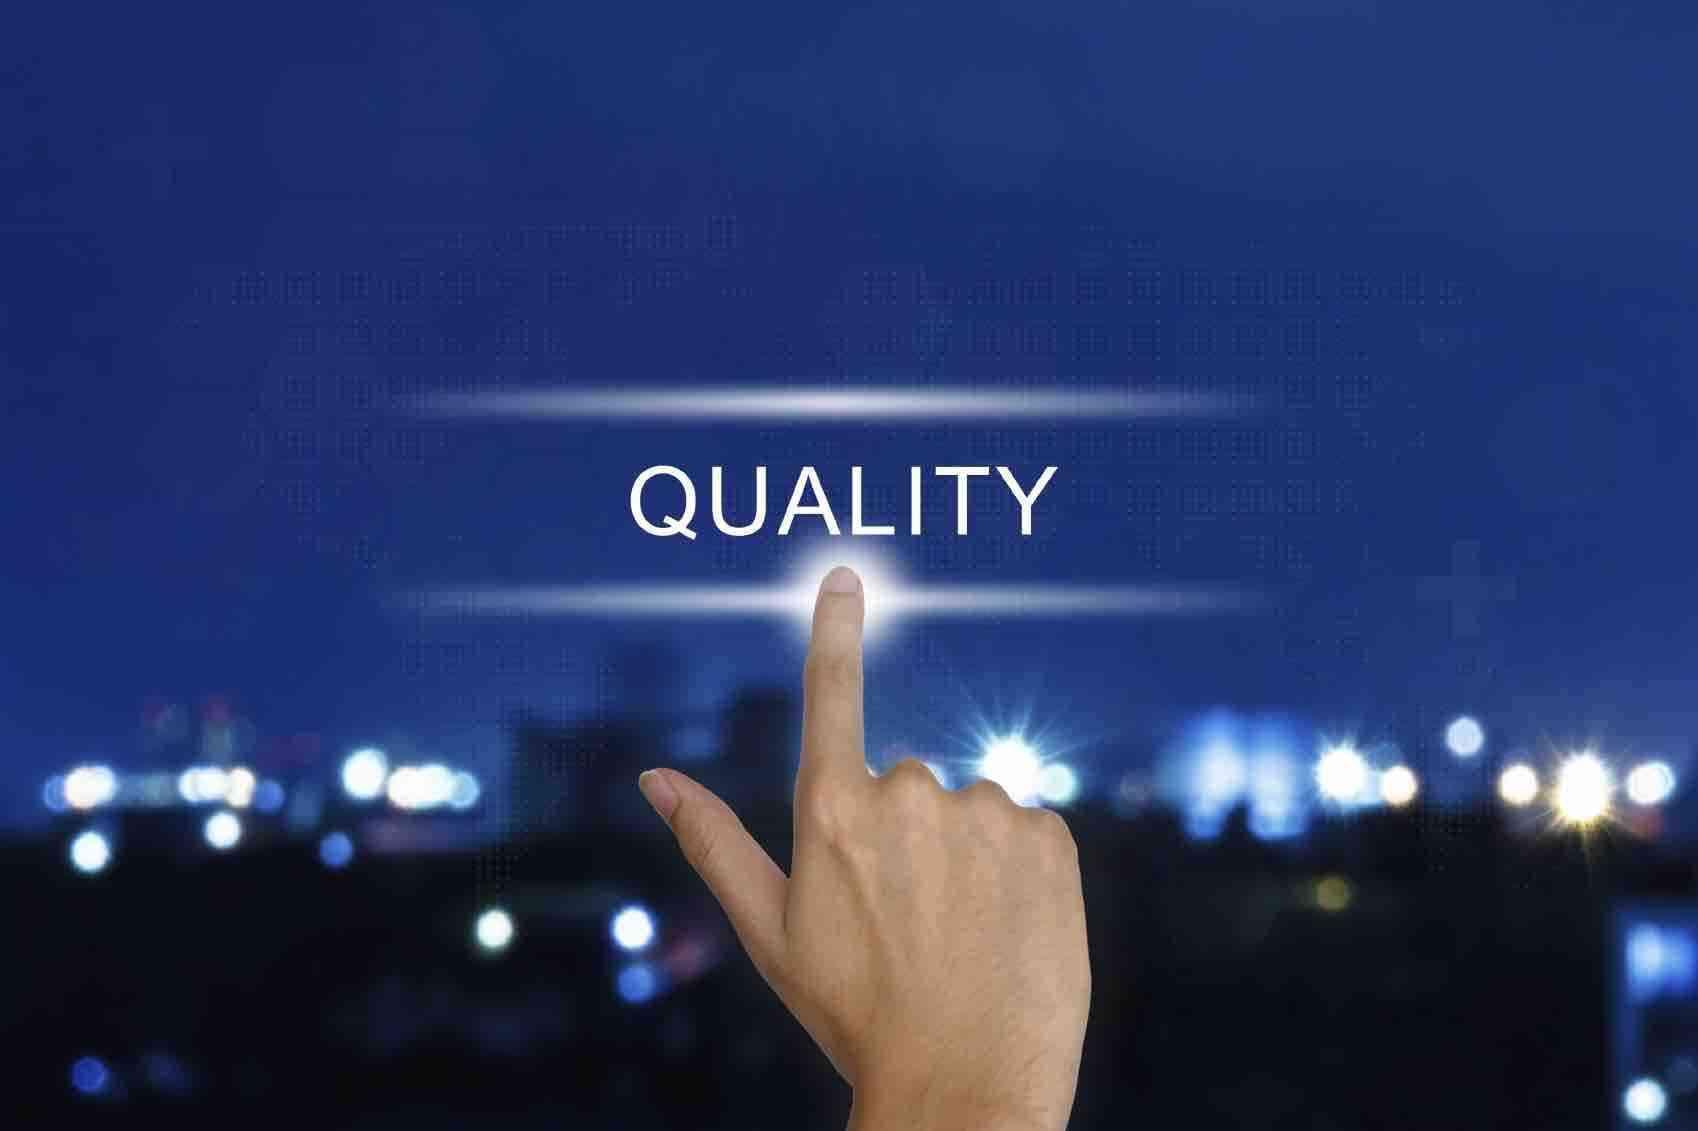 Moderne Qualitätssicherung mit digitaler Bemusterung